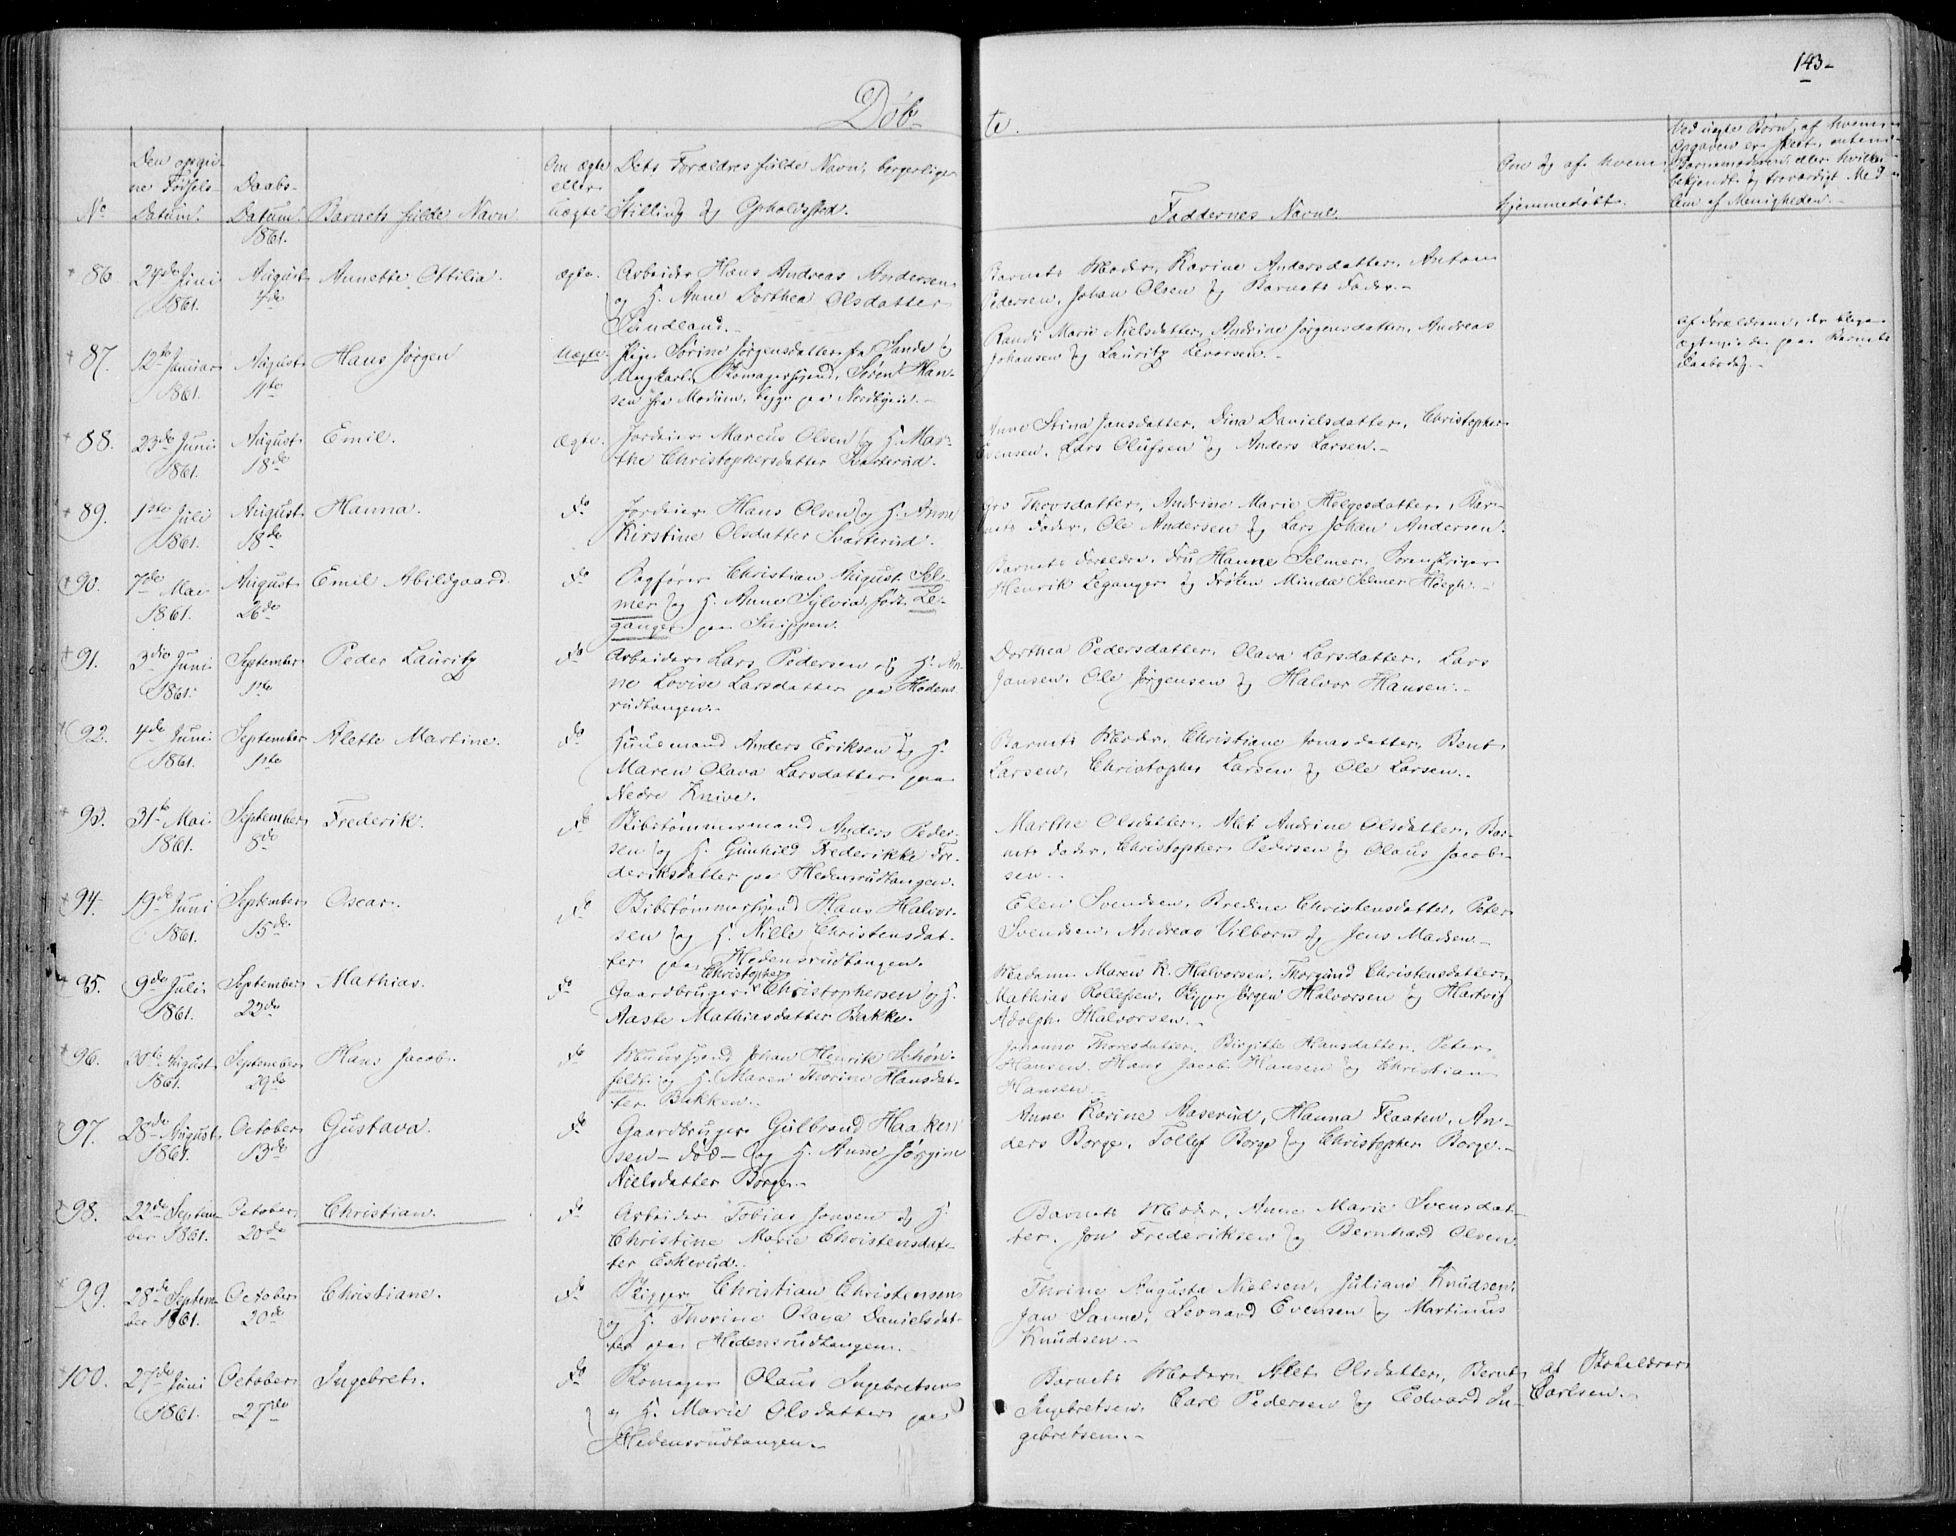 SAKO, Skoger kirkebøker, F/Fa/L0003: Ministerialbok nr. I 3, 1842-1861, s. 143